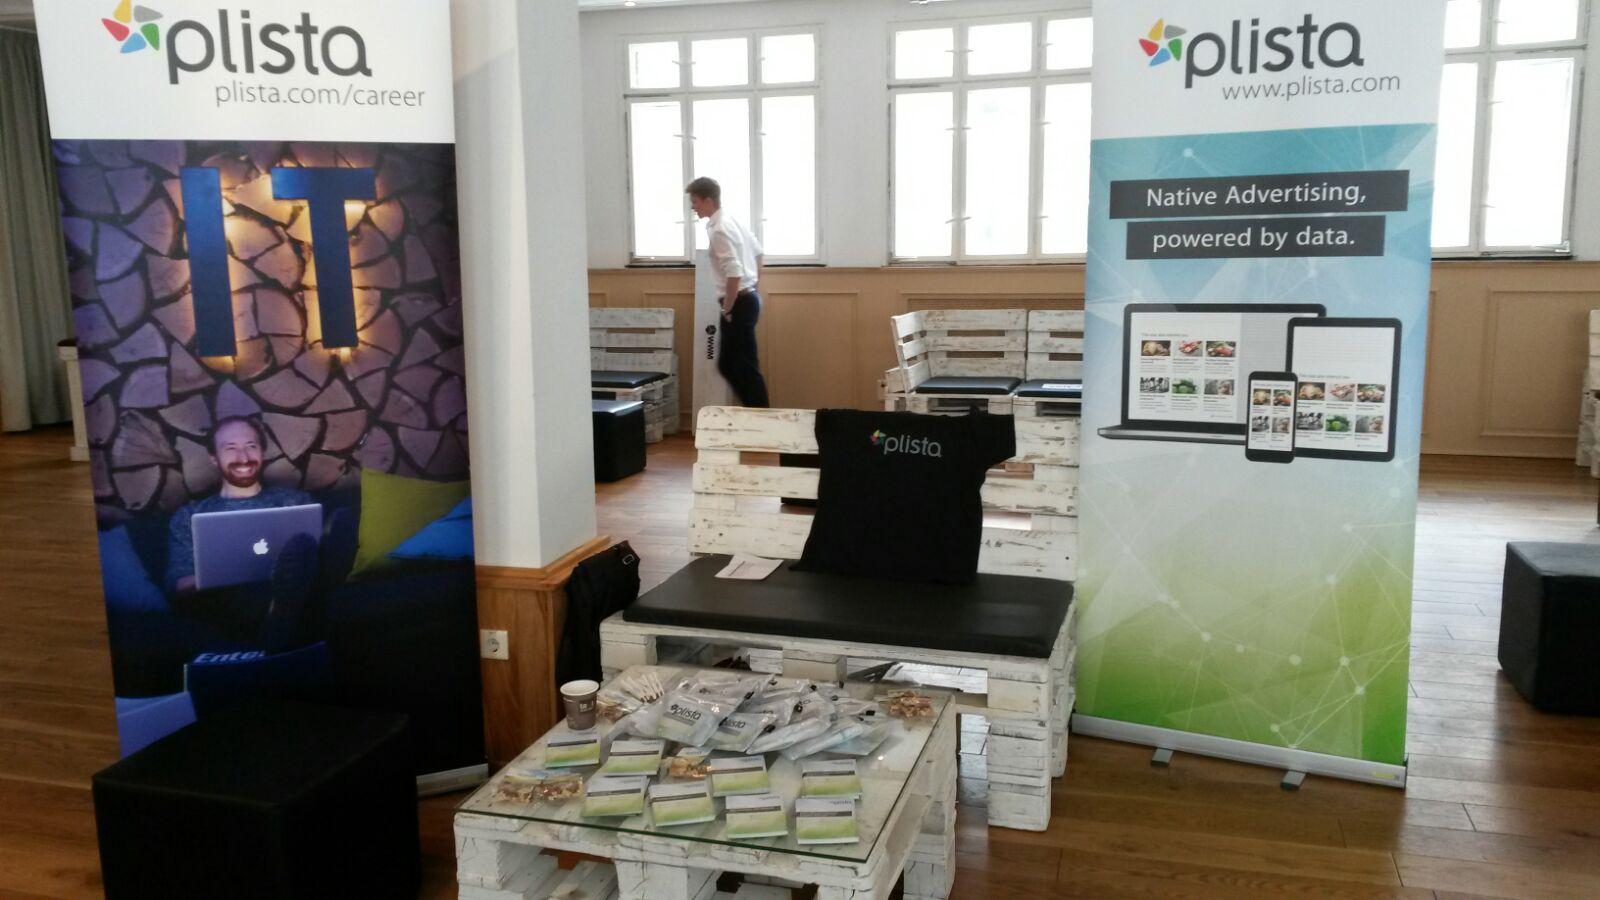 plista stand at Berlin Talent Summit 2016